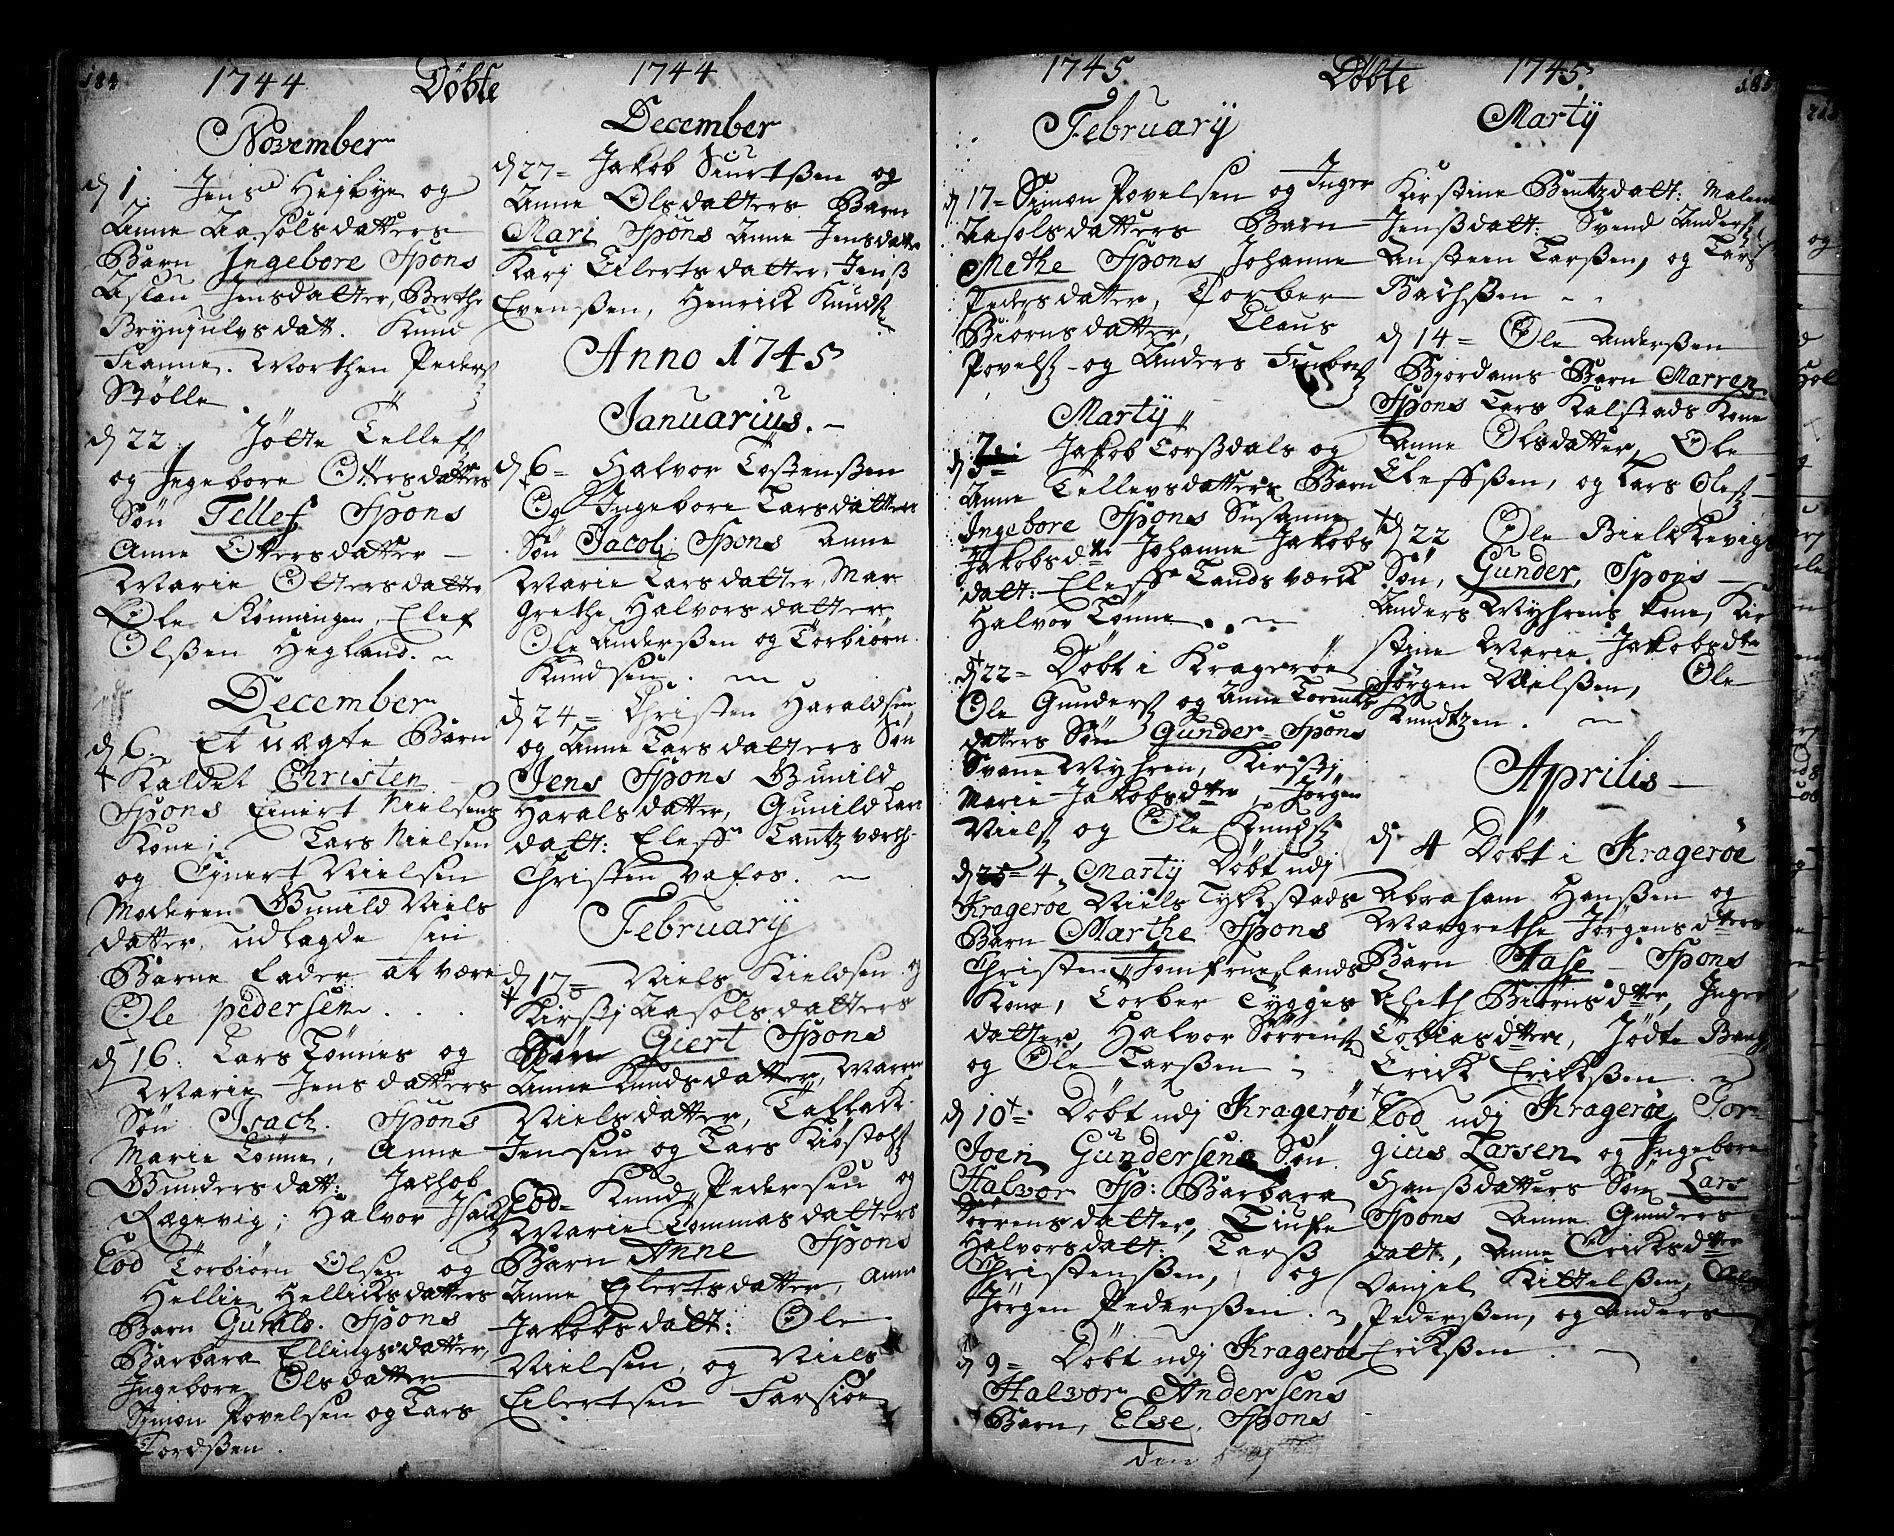 SAKO, Sannidal kirkebøker, F/Fa/L0001: Ministerialbok nr. 1, 1702-1766, s. 184-185